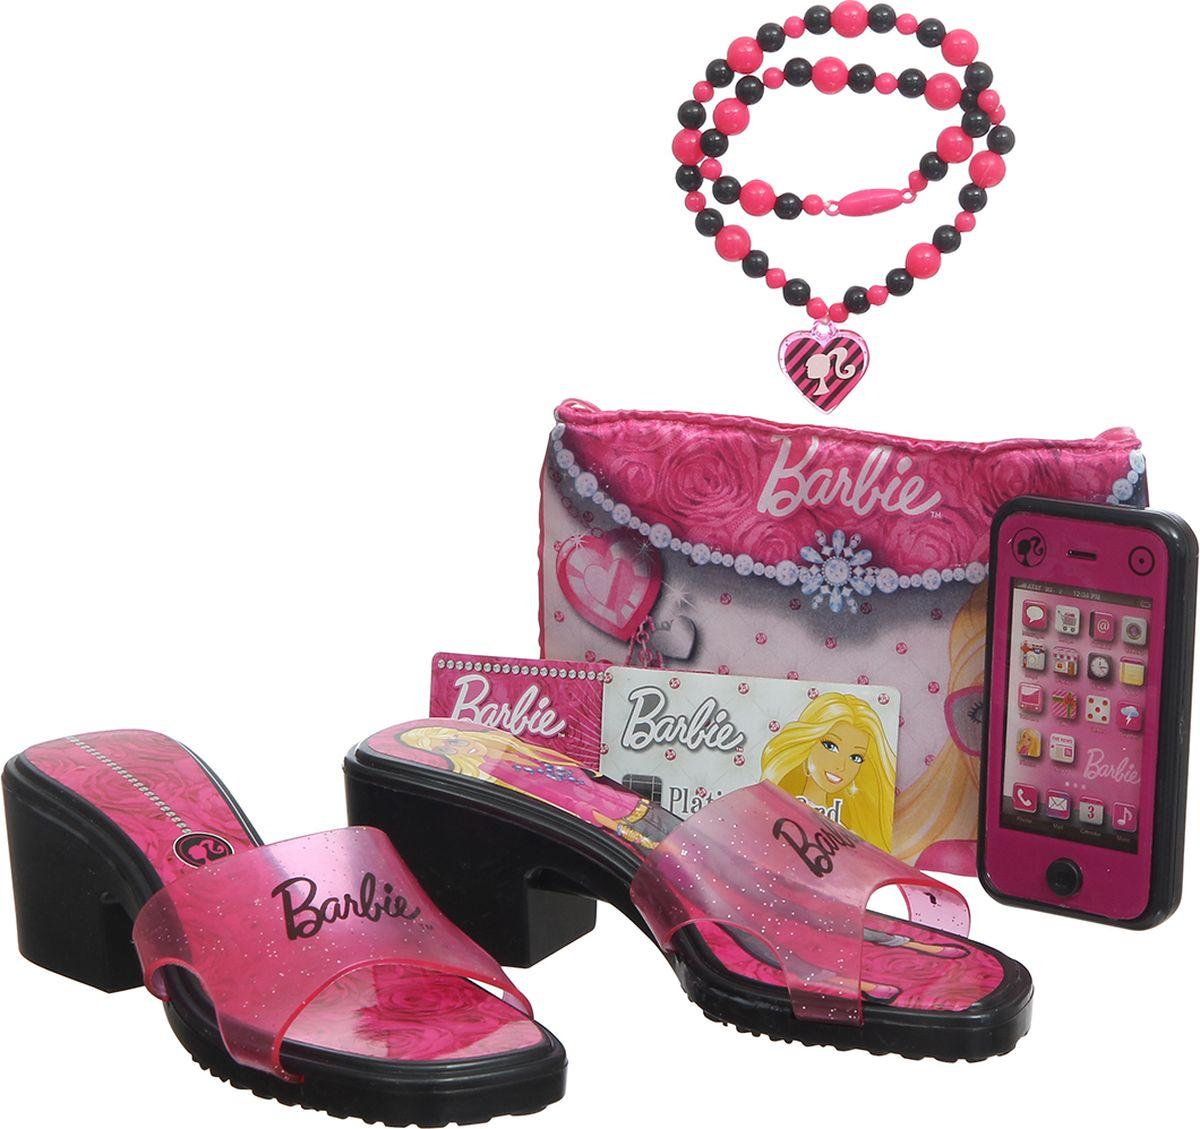 Barbie Набор аксессуаров для куклы купить ken barbie